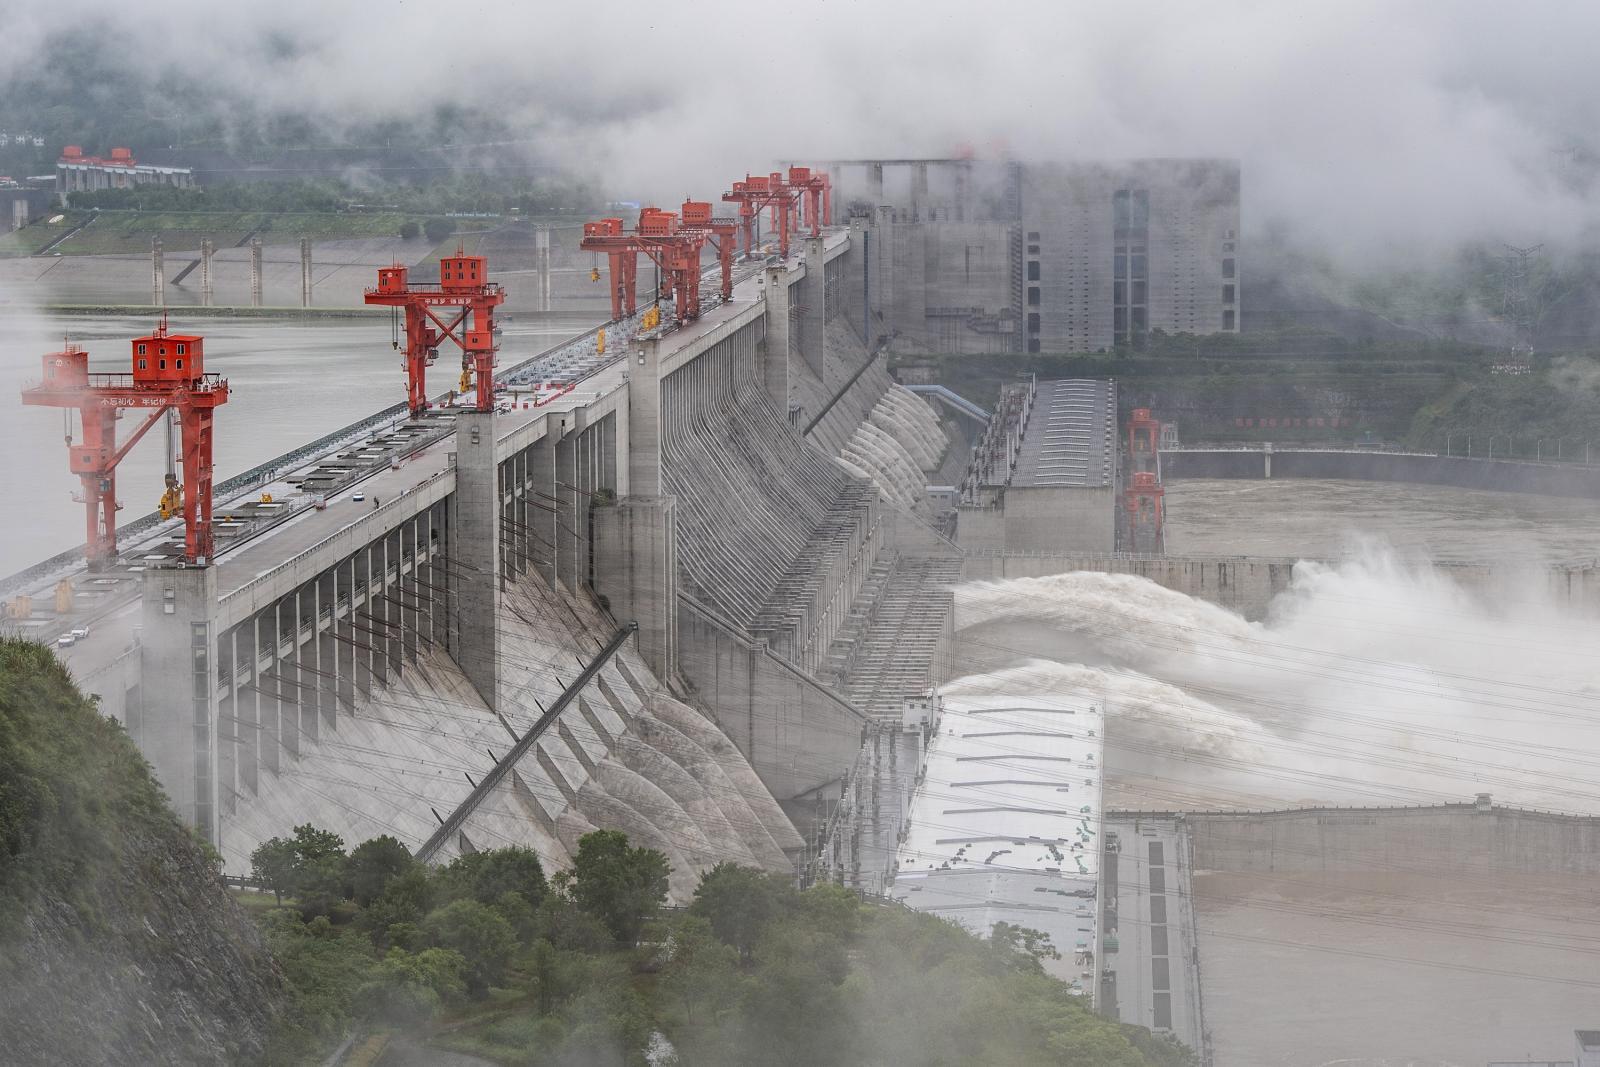 ภาพความเสียหายโบราณสถานอายุ 700 ปีของจีนที่ถูกน้ำท่วมใหญ่